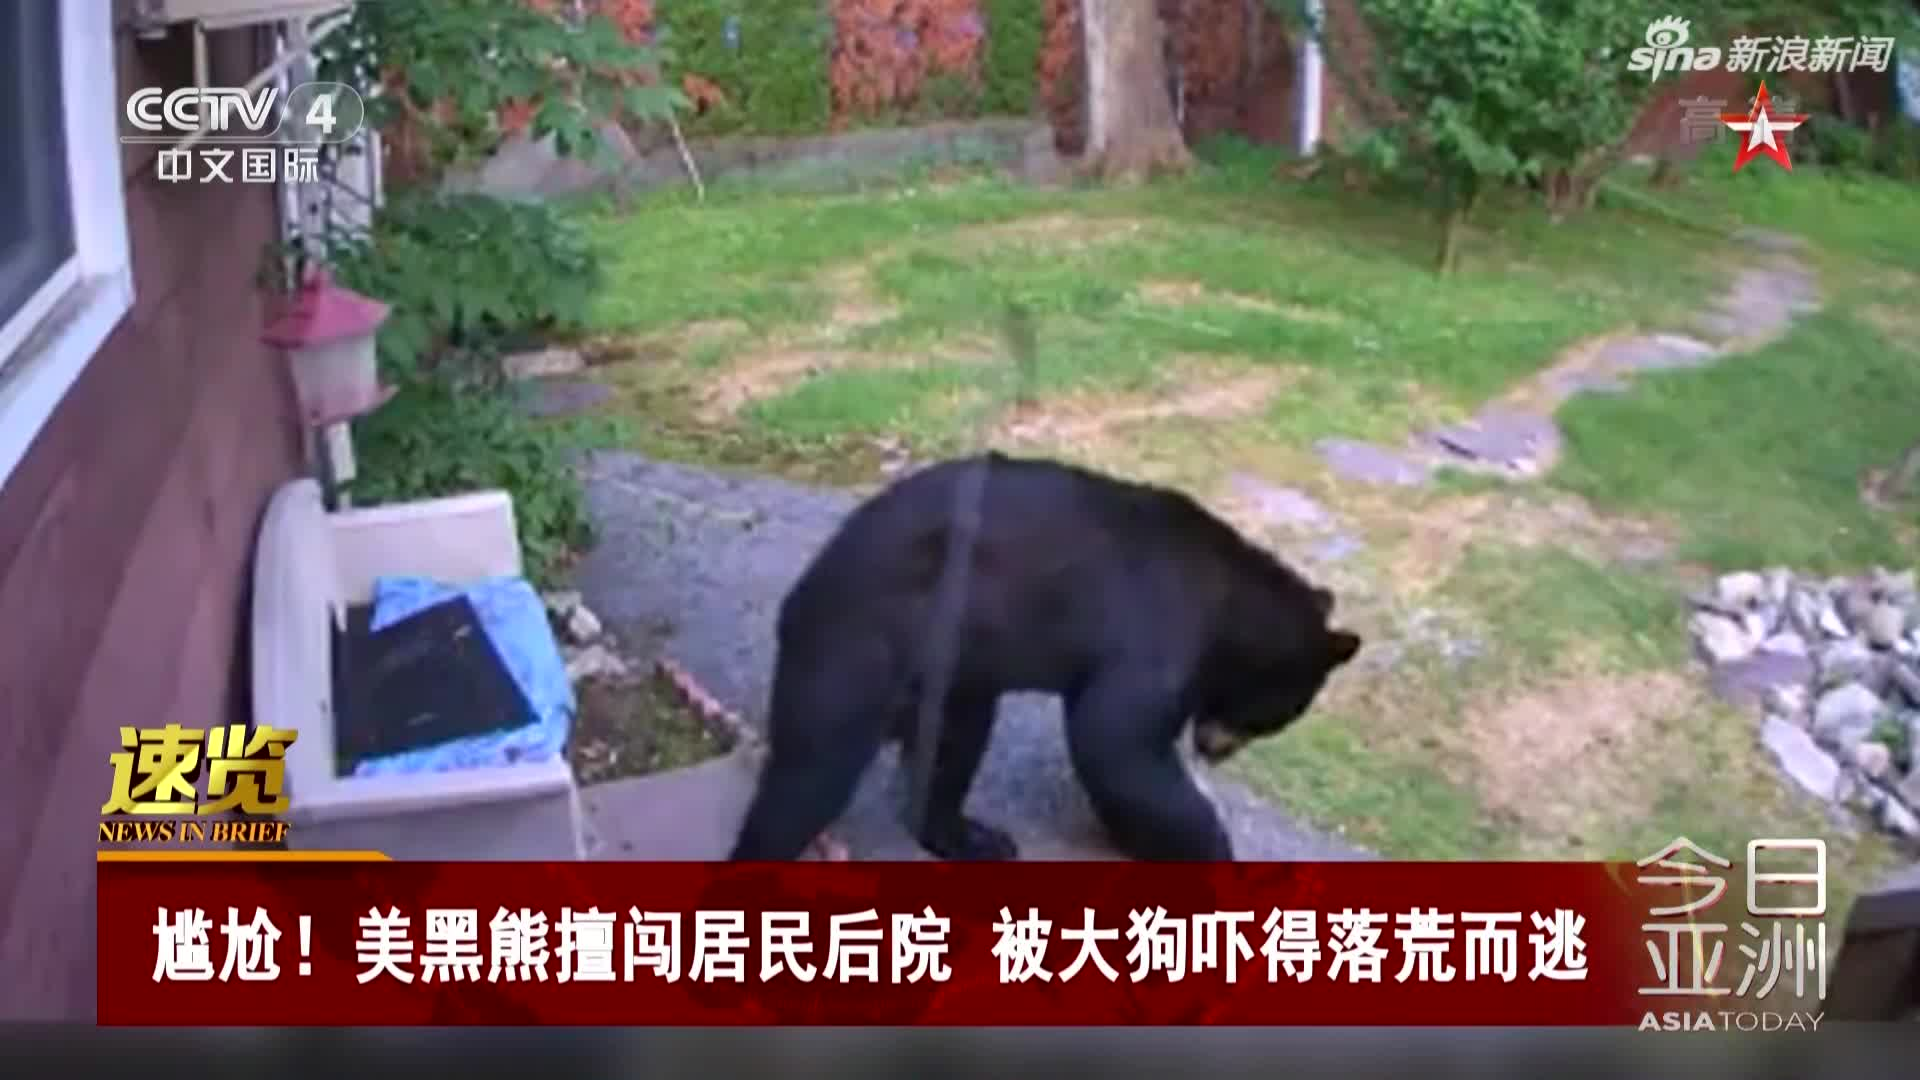 视频:尴尬! 美黑熊擅闯居民后院 被大狗吓得落荒